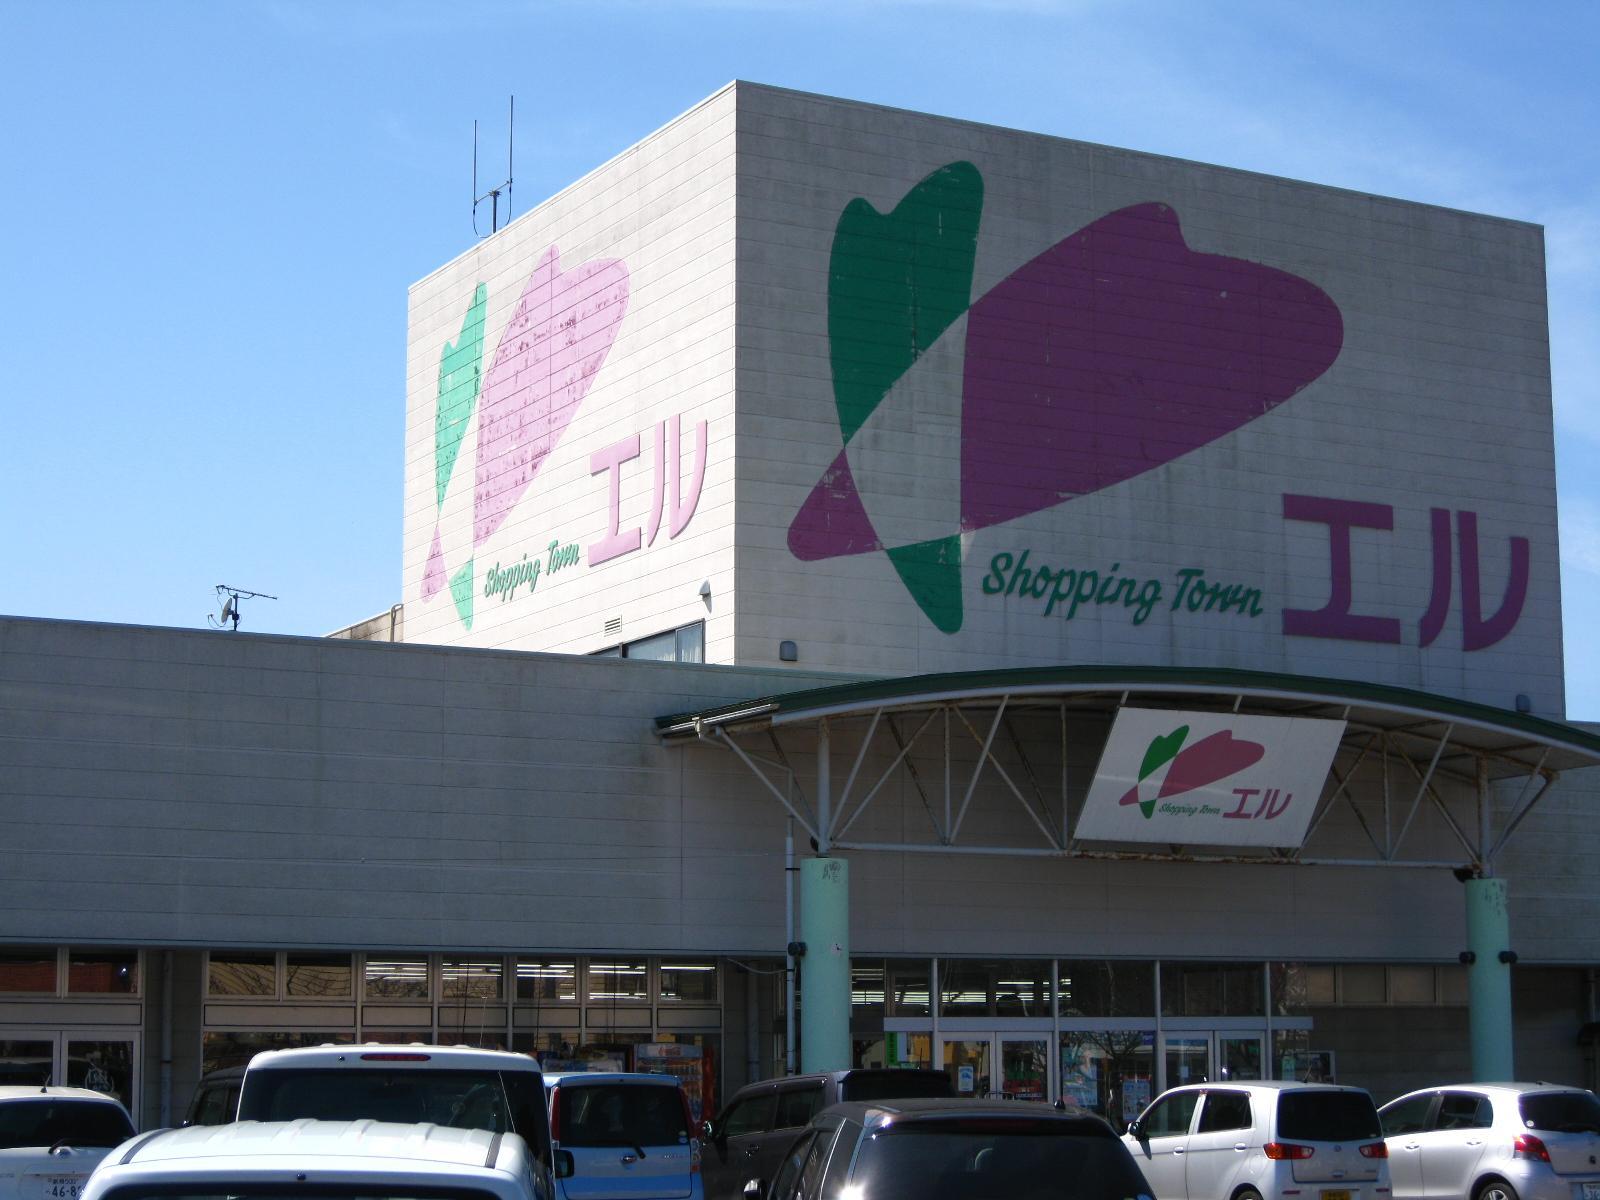 ショッピングタウン エル